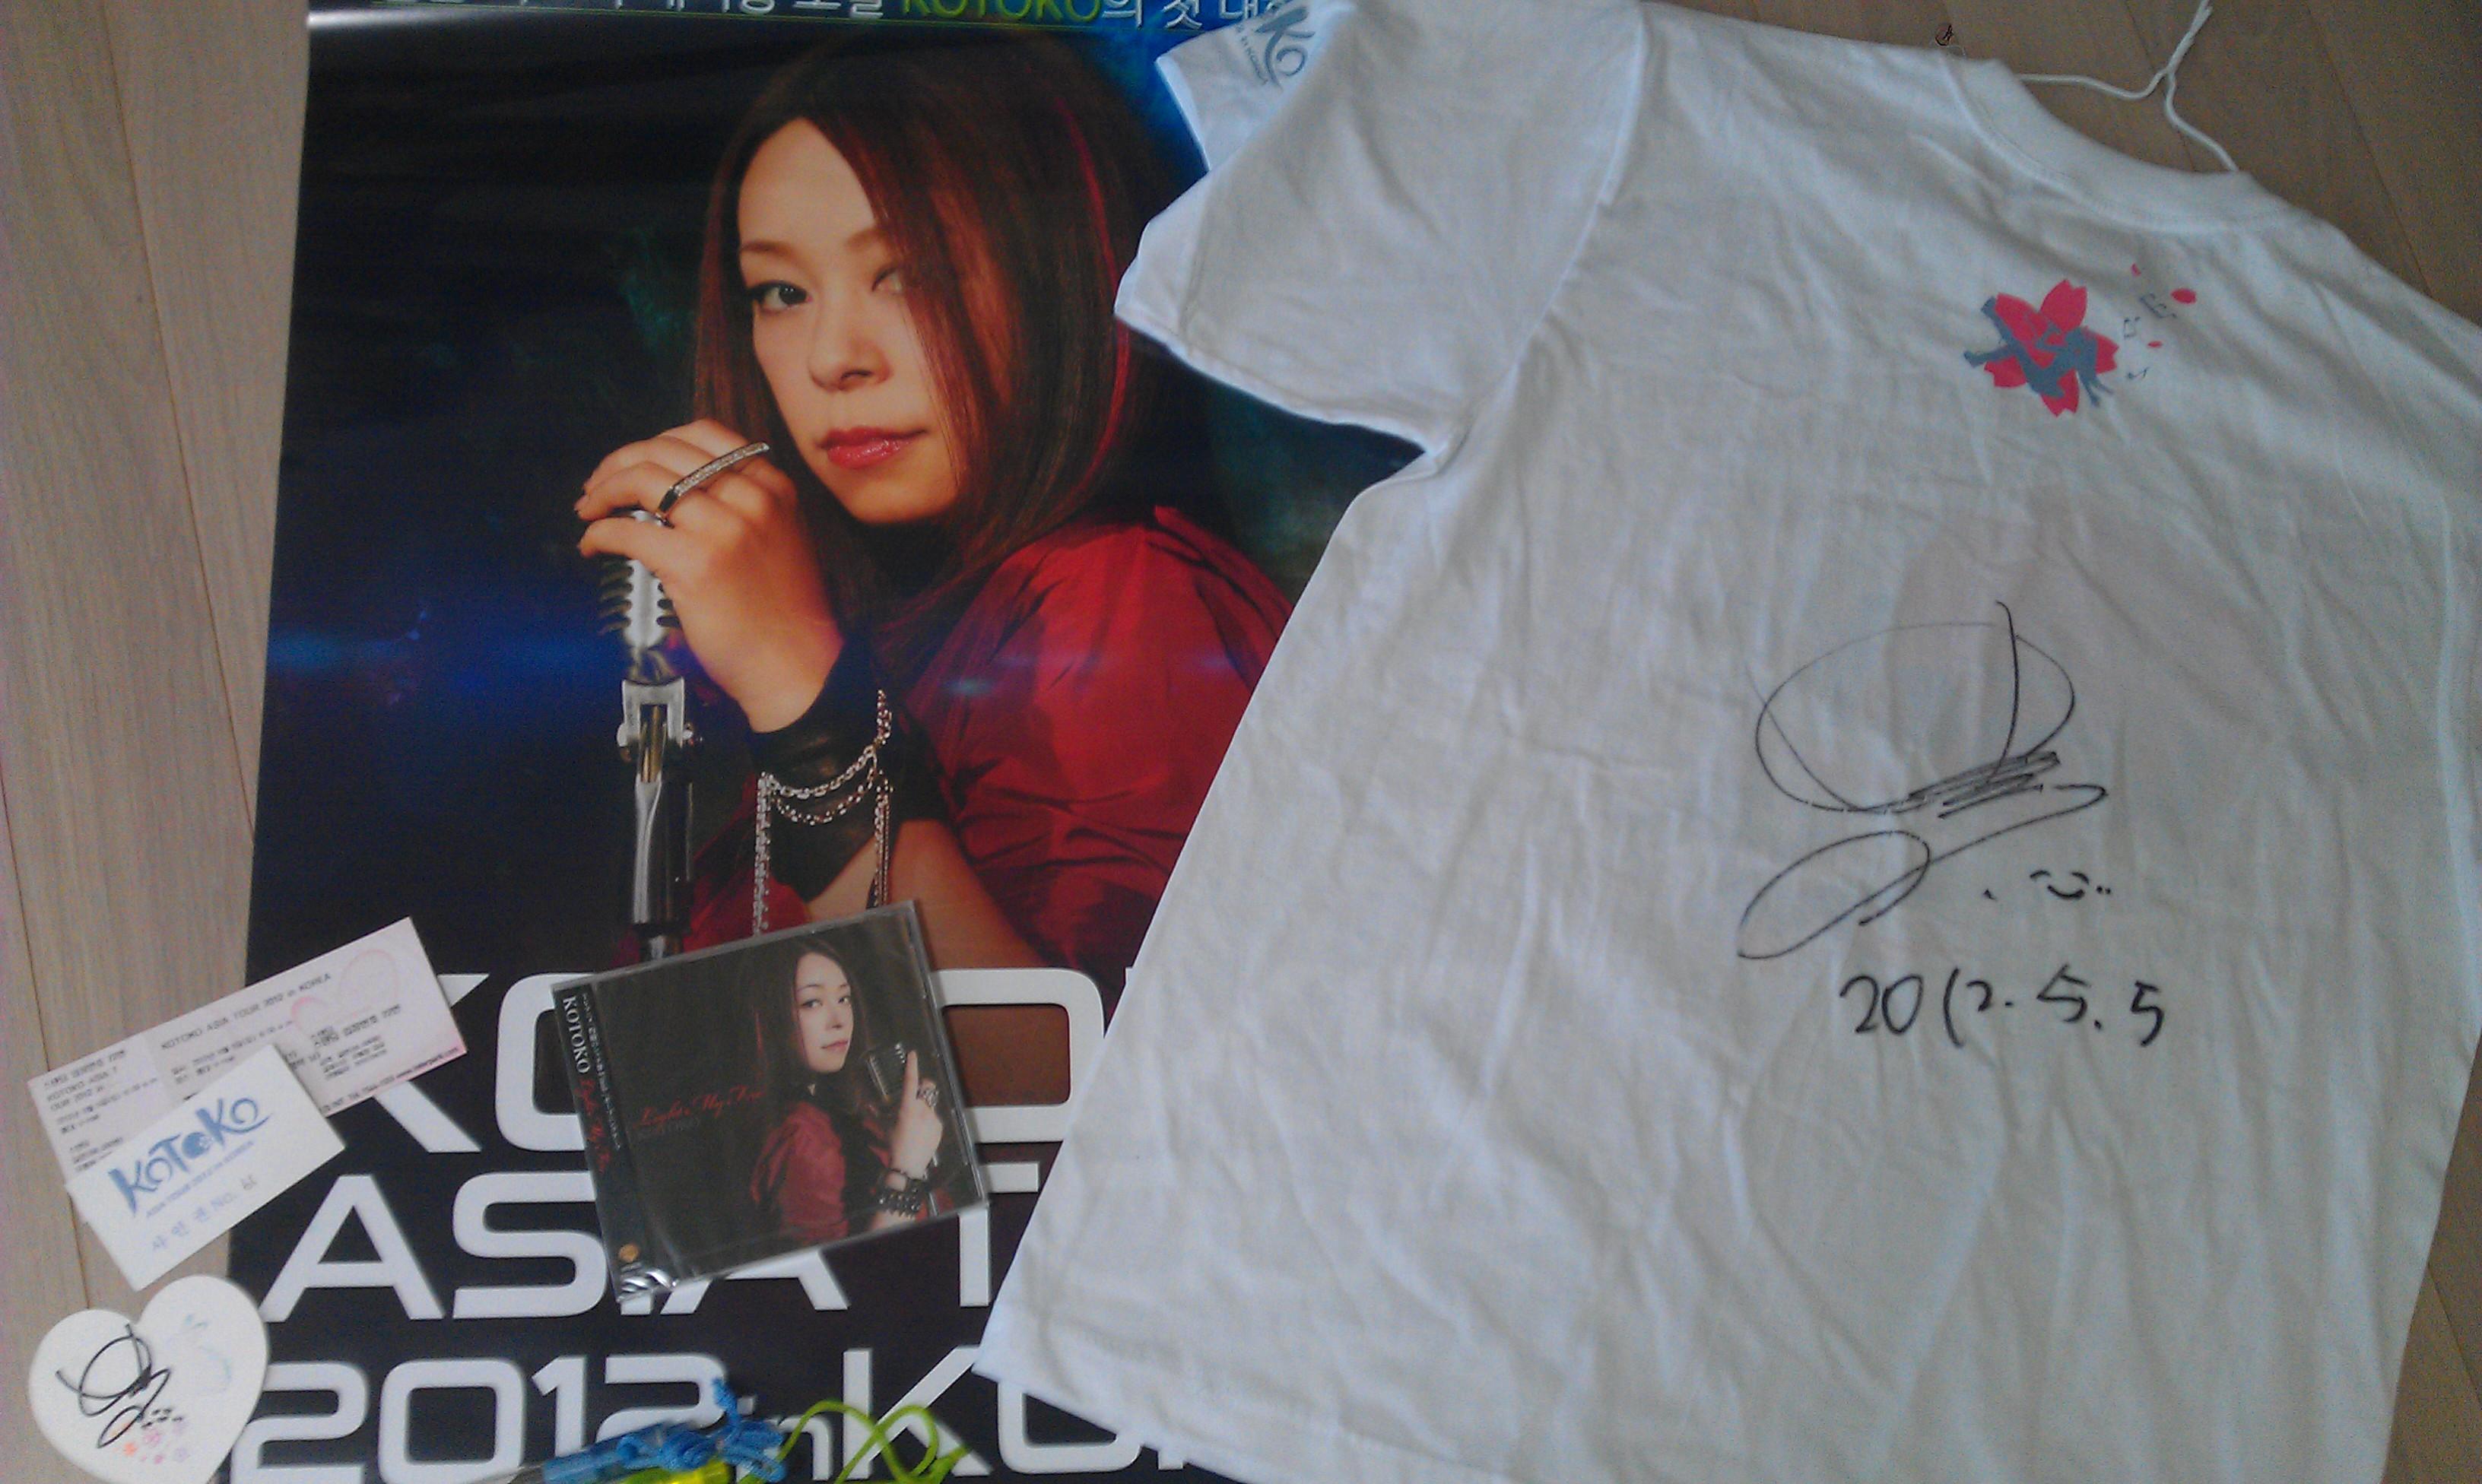 [12.05.05] KOTOKO ASIA TOUR 2012 IN KOREA